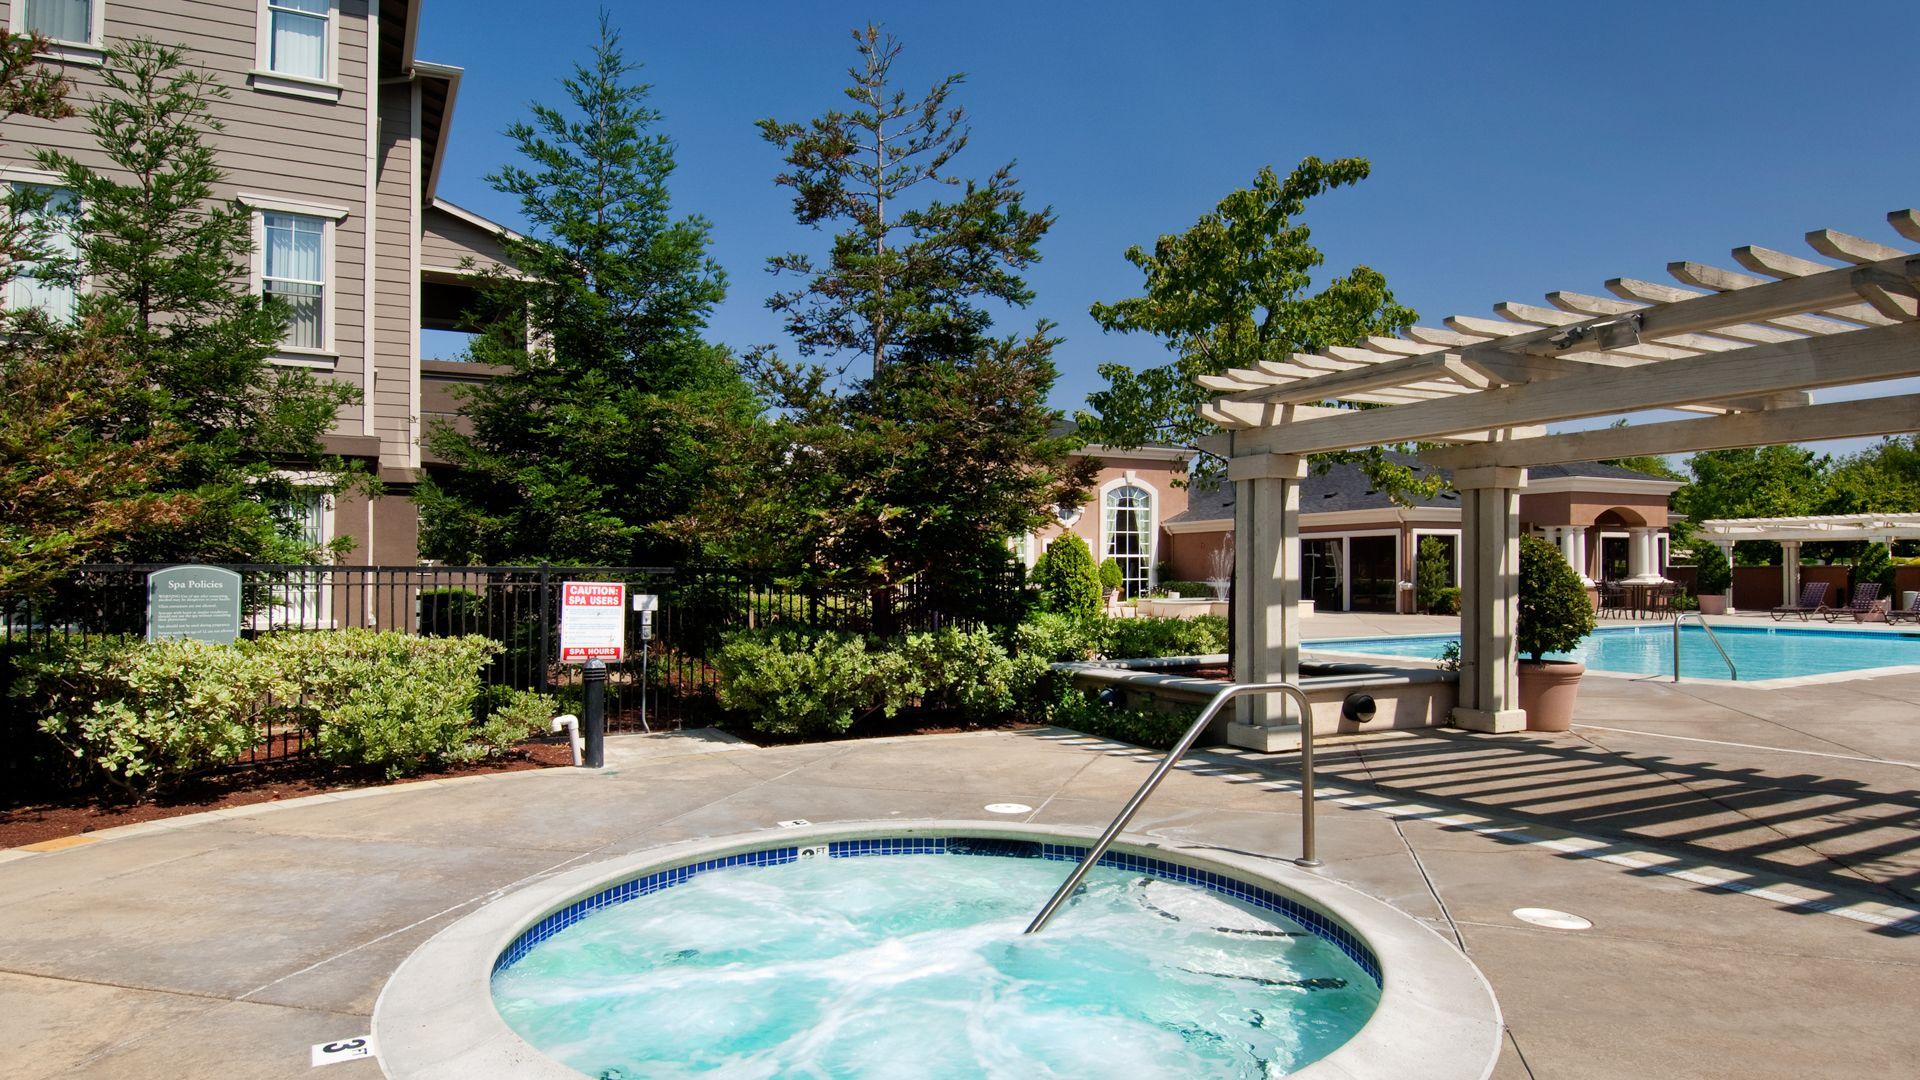 Park Hacienda Apartments - Hot Tub